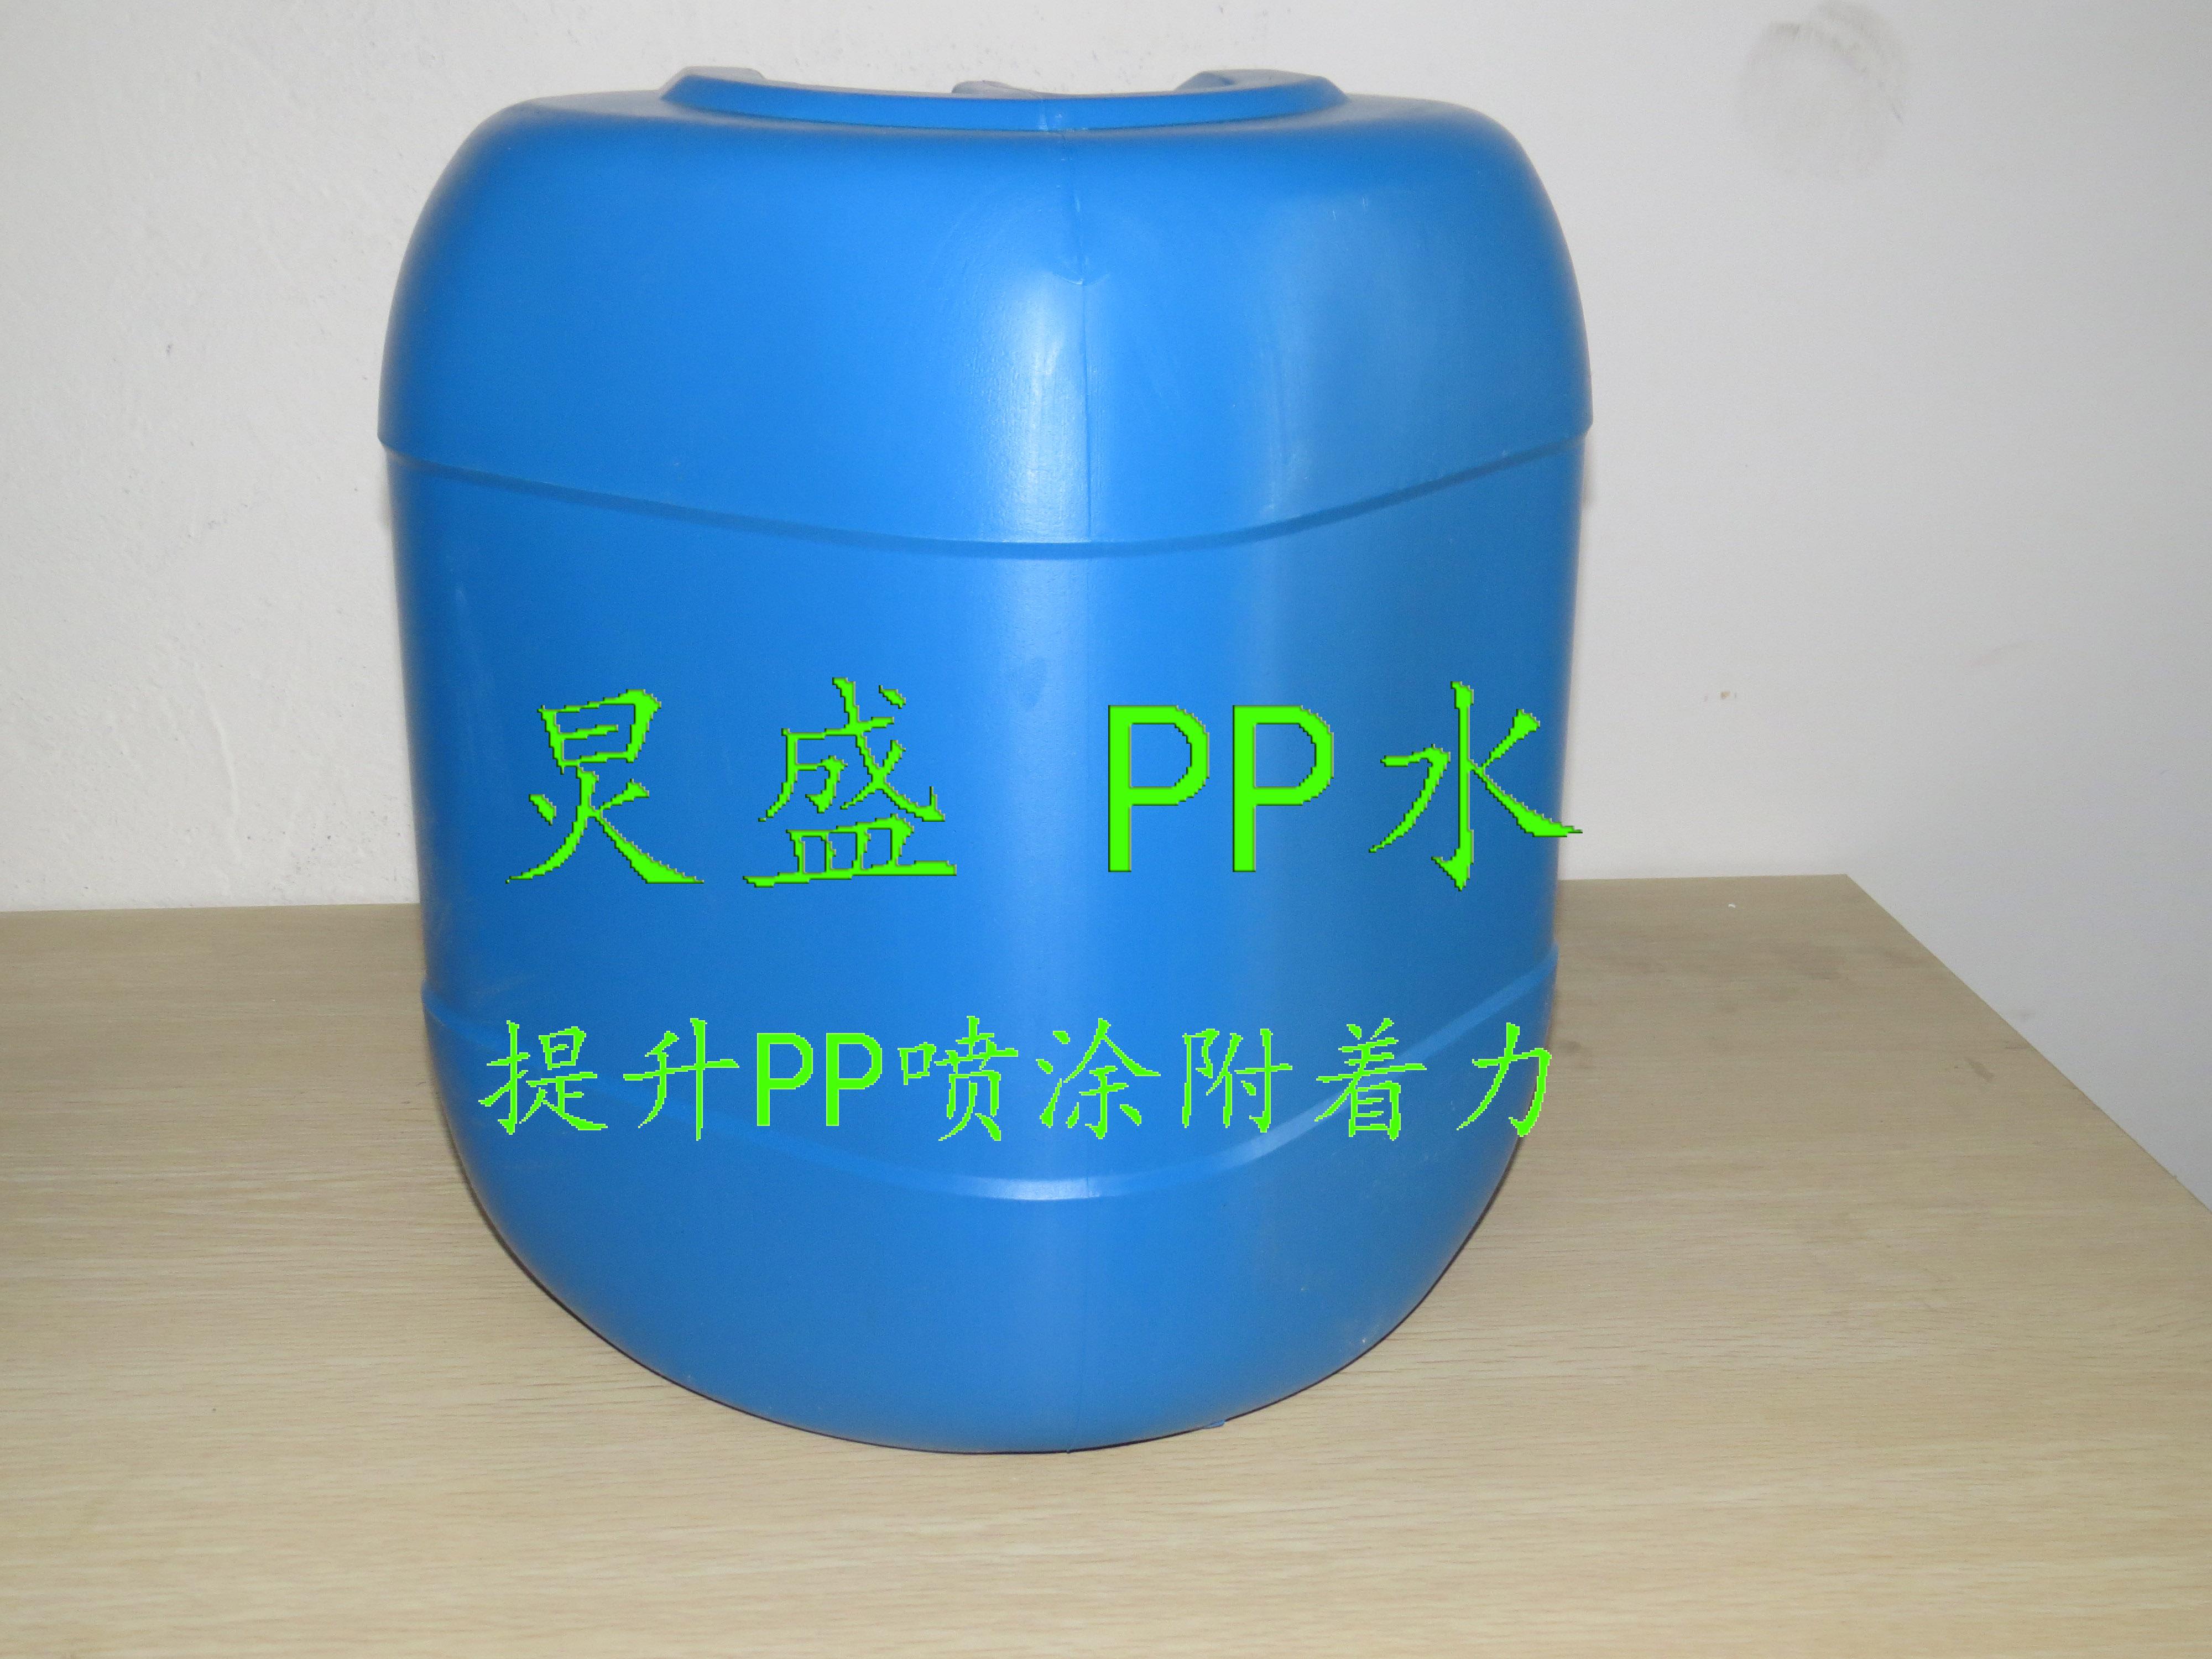 四川PP水 PP表面处理剂 改善PP底材喷油工艺